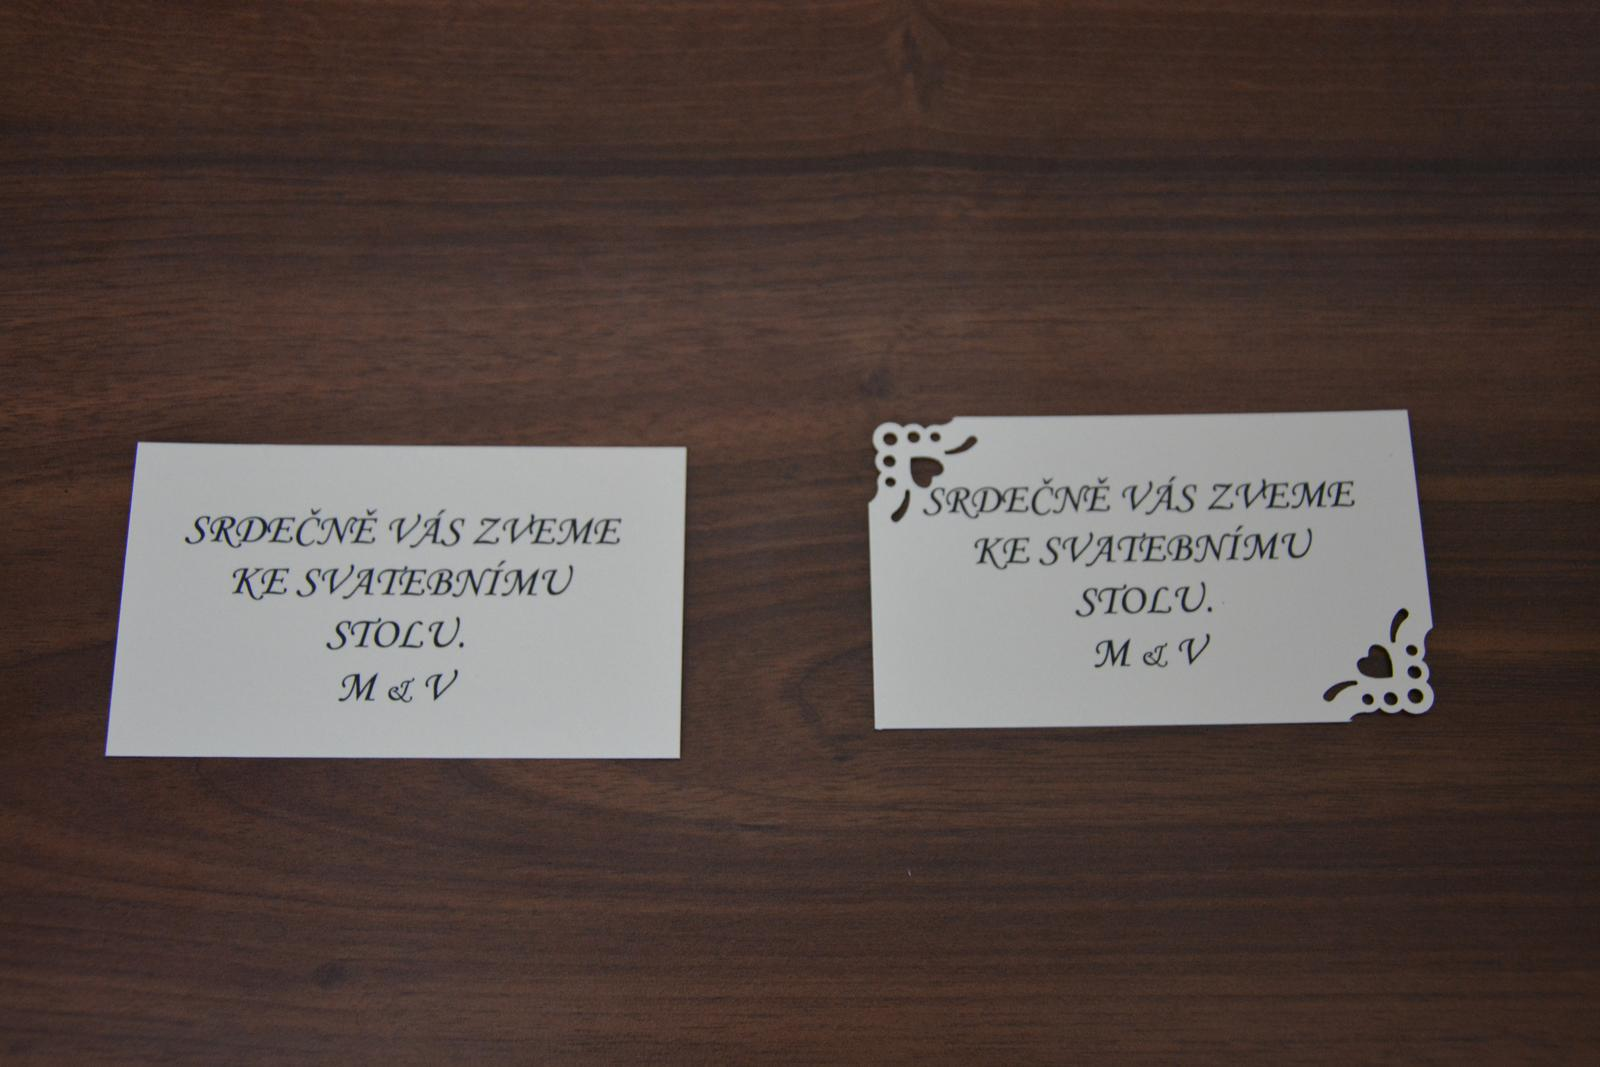 Pozvánka ke svatebnímu stolu s monogramy M & V - Obrázek č. 1